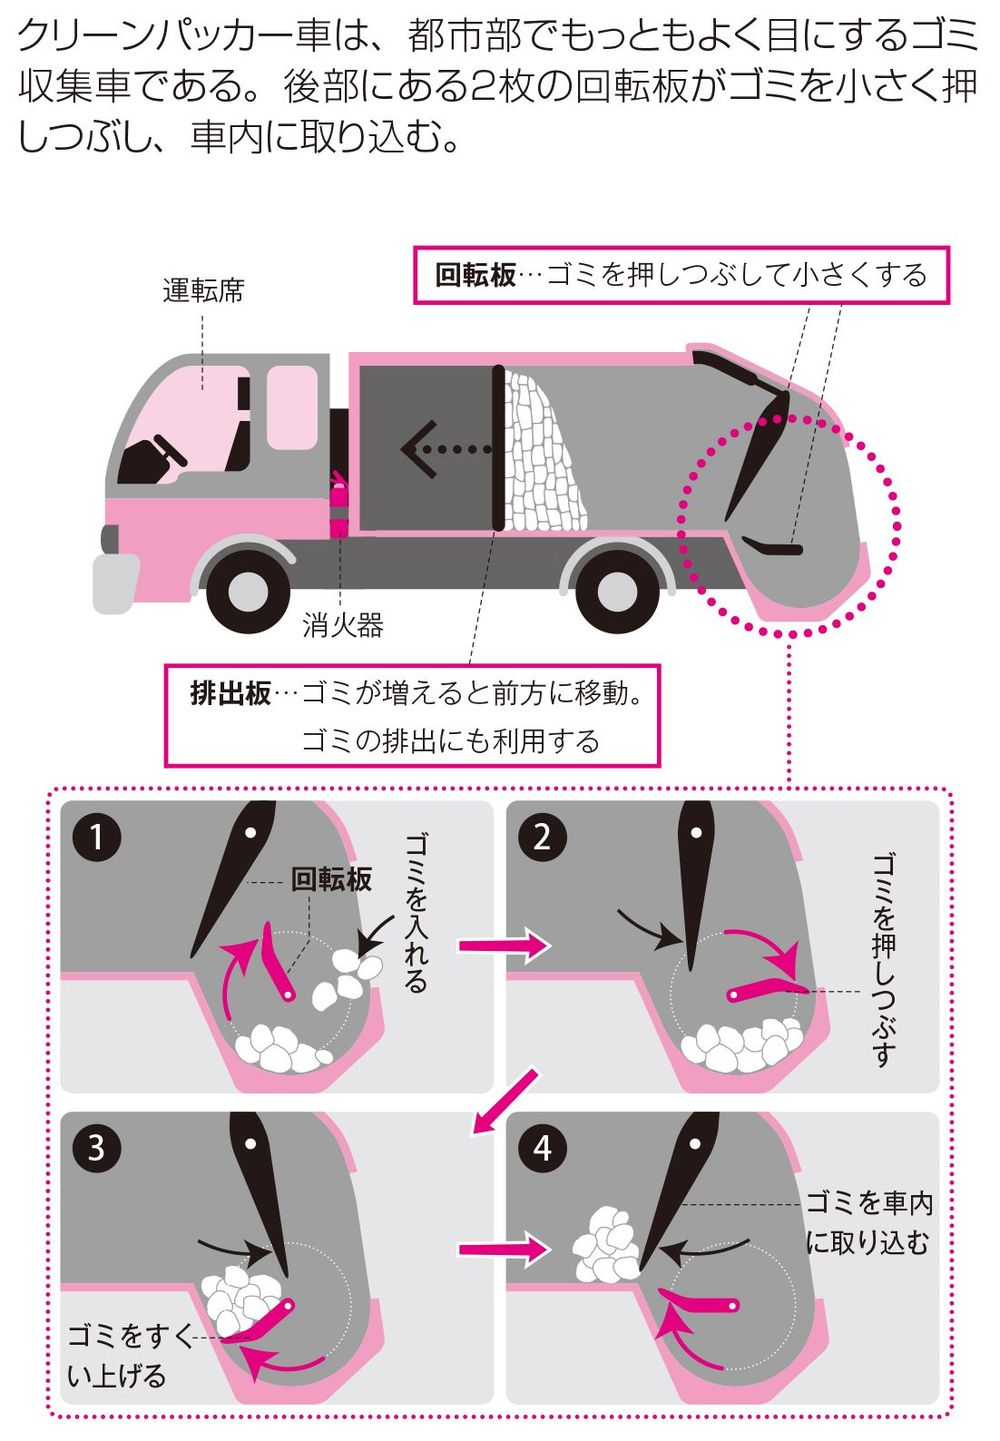 ゴミ収集車の構造